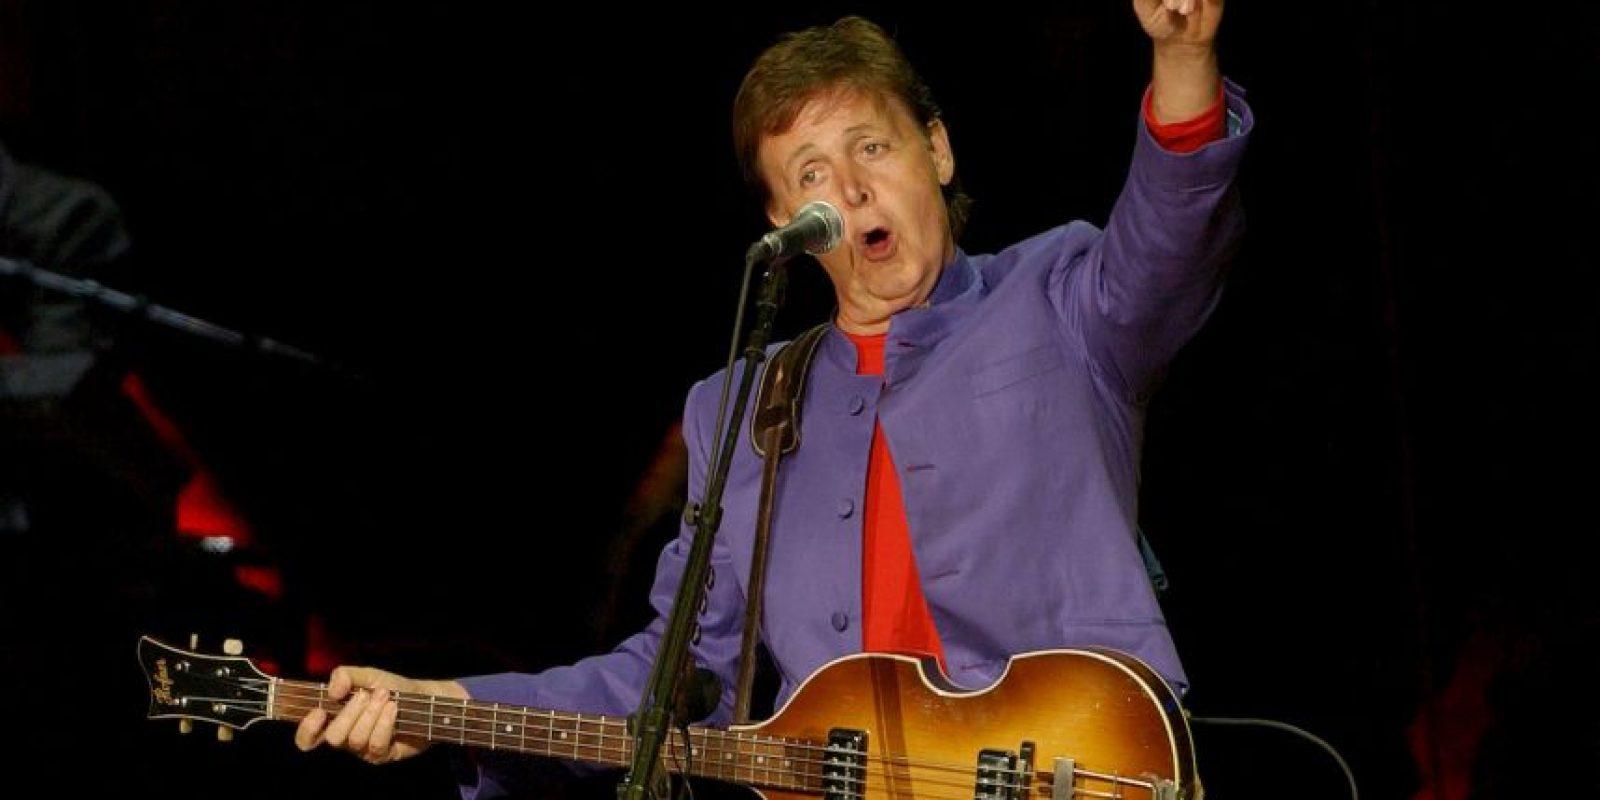 También ha sido sede de conciertos, como el ex Beatle Paul McCartney Foto:Getty Images